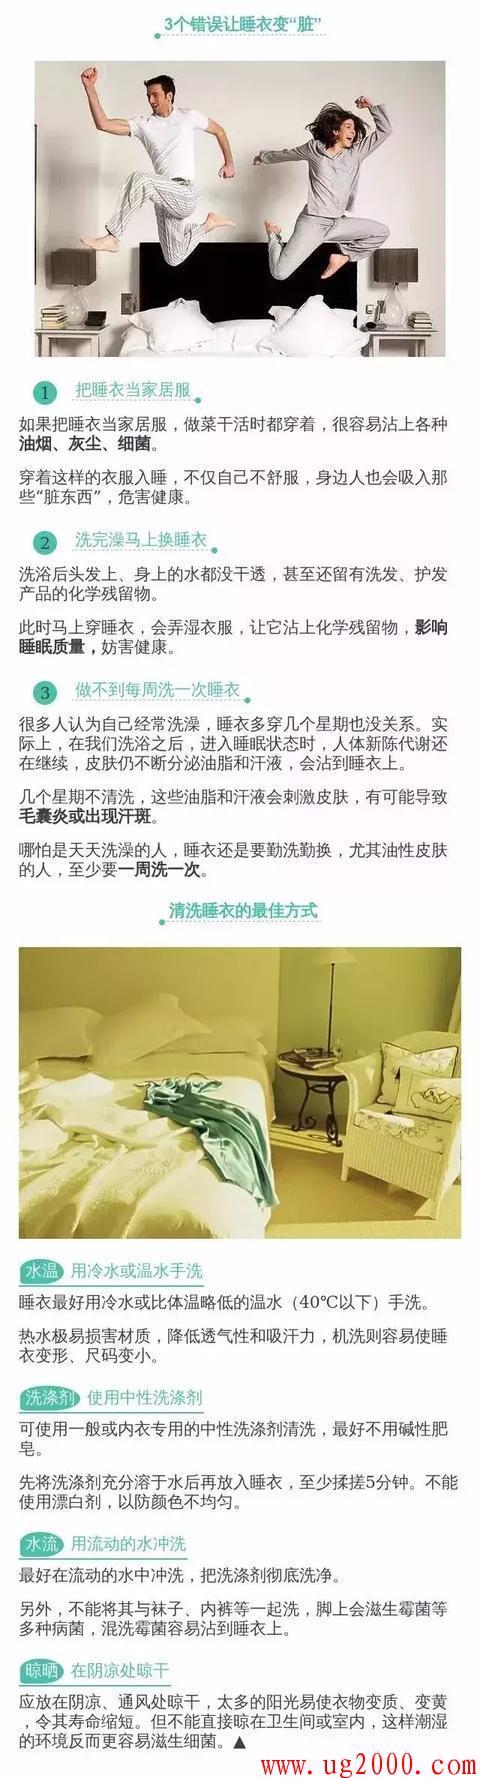 睡衣多久洗一次?超过这个时间会患病